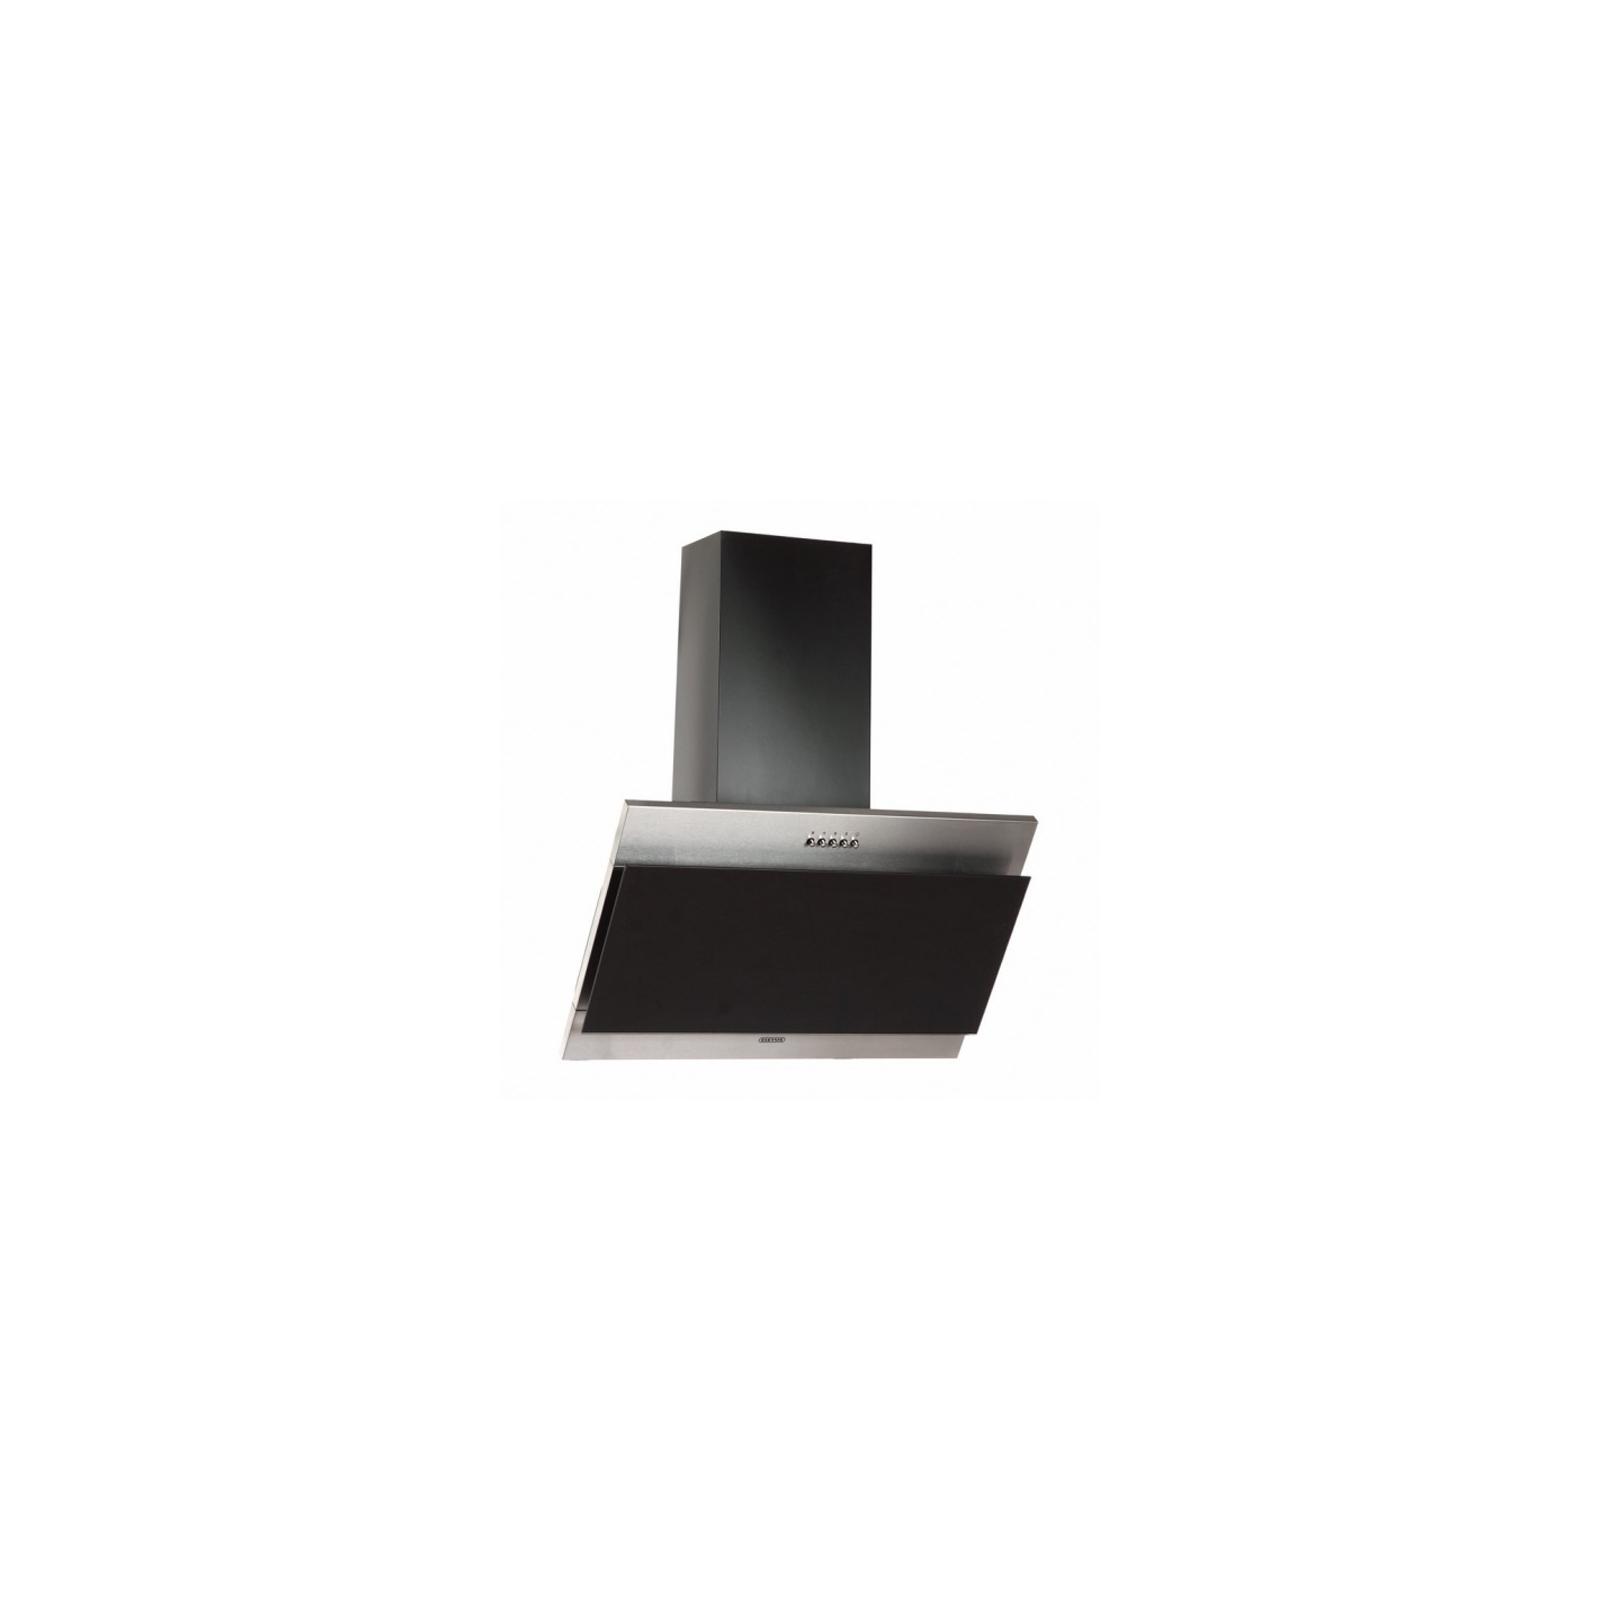 Вытяжка кухонная ELEYUS Lana 700 50 WH изображение 3